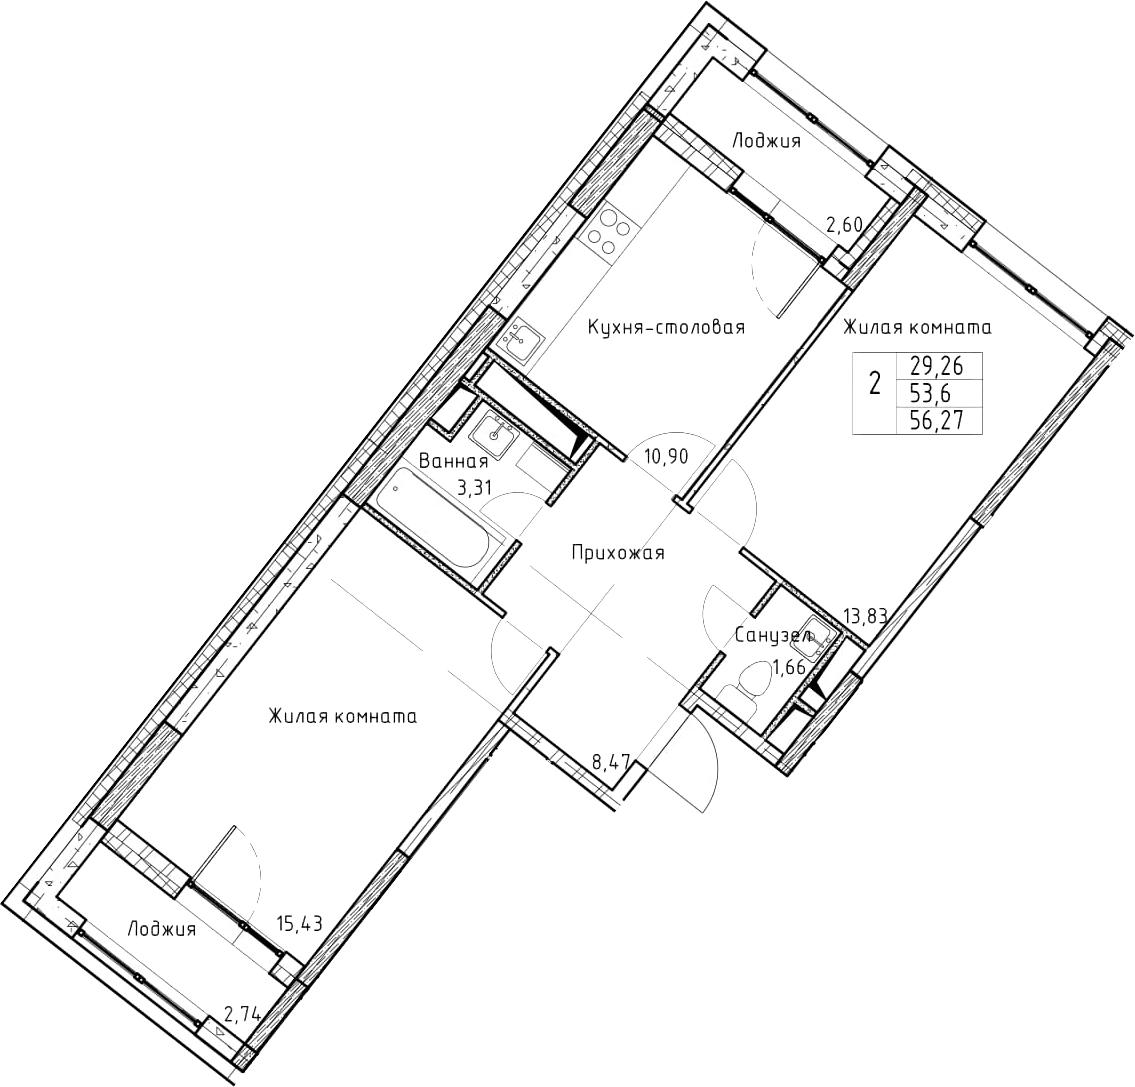 2-к.кв, 56.27 м², от 5 этажа